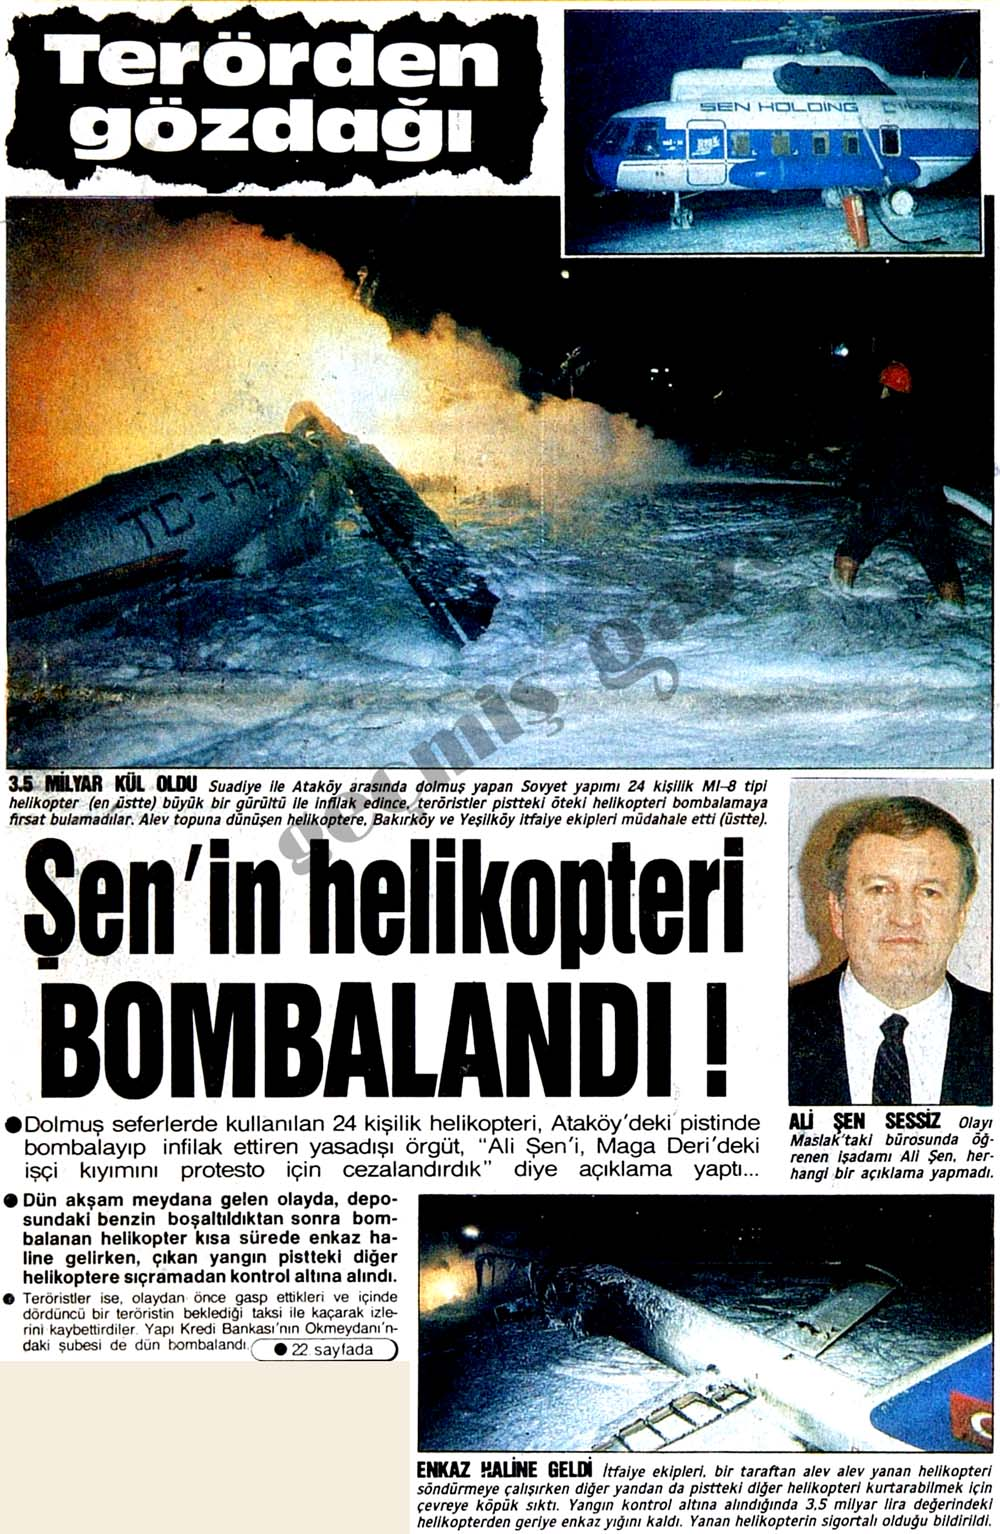 Ali Şen'in helikopteri Bombalandı!